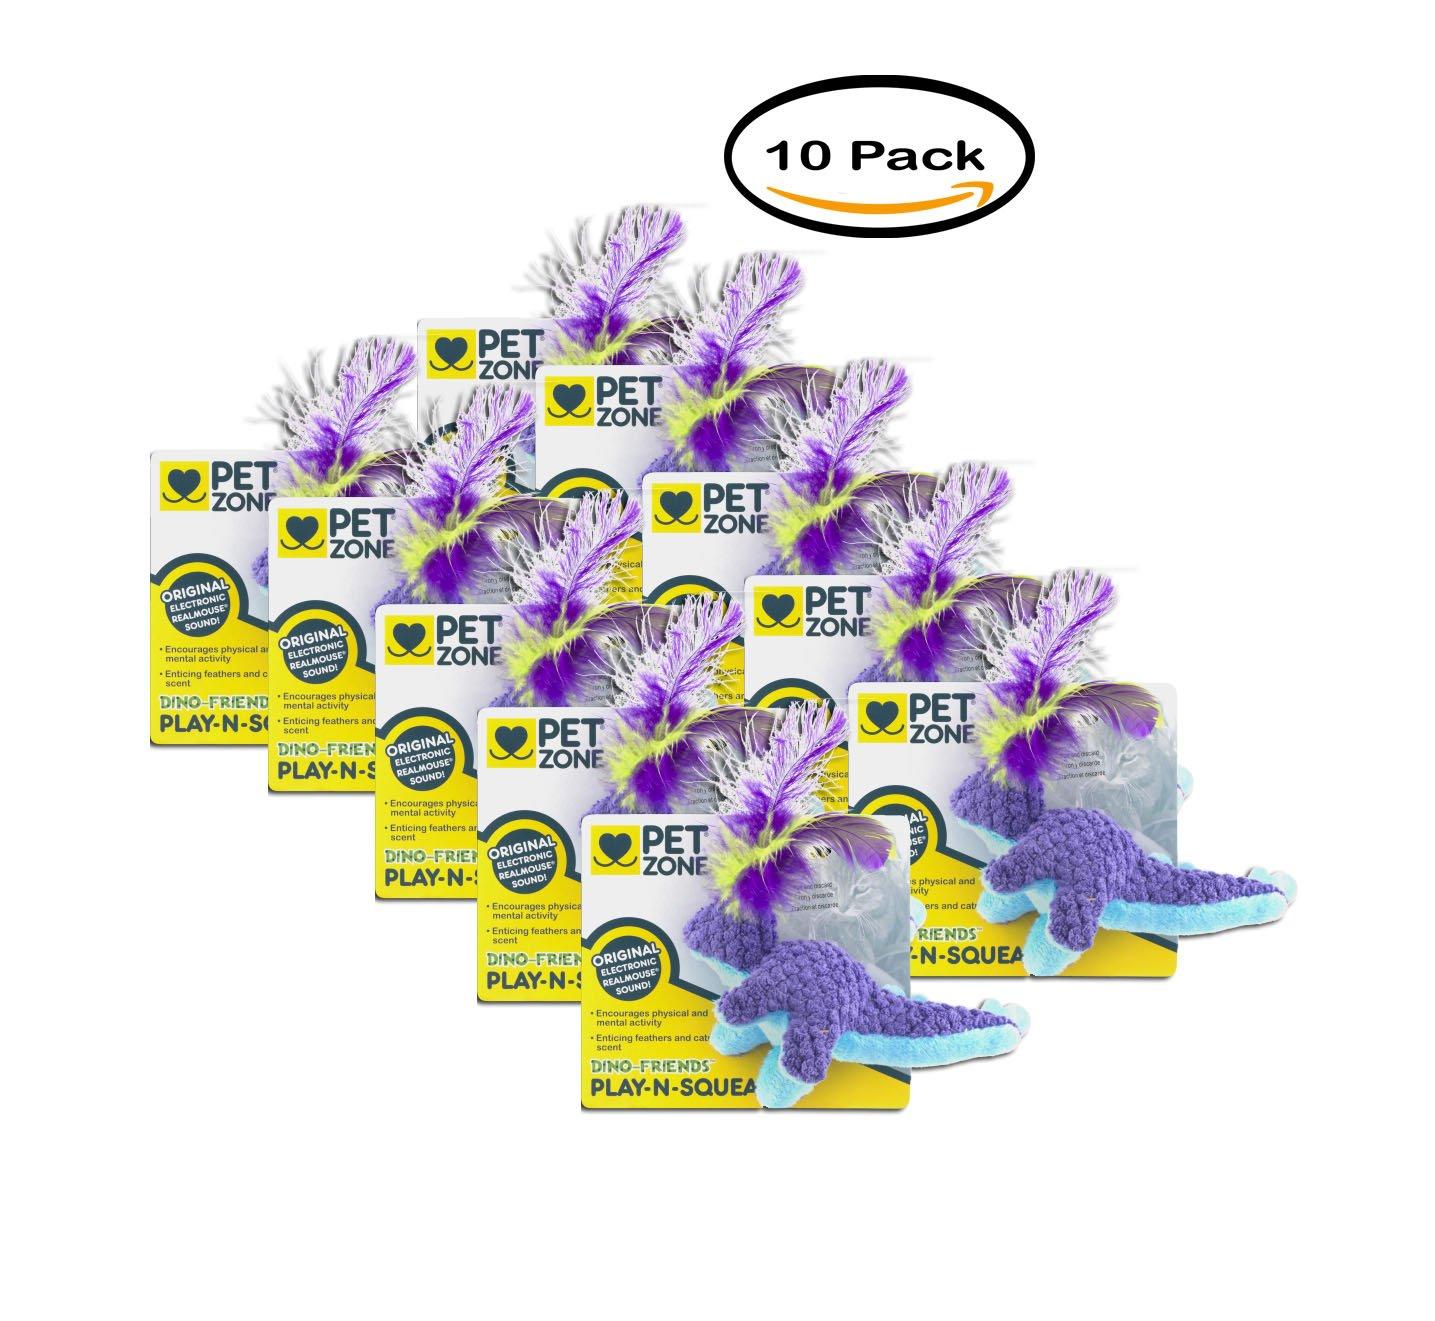 PACK OF 10 - Pet Zone Dino-Friends Play-N-Squeak, 1.0 CT